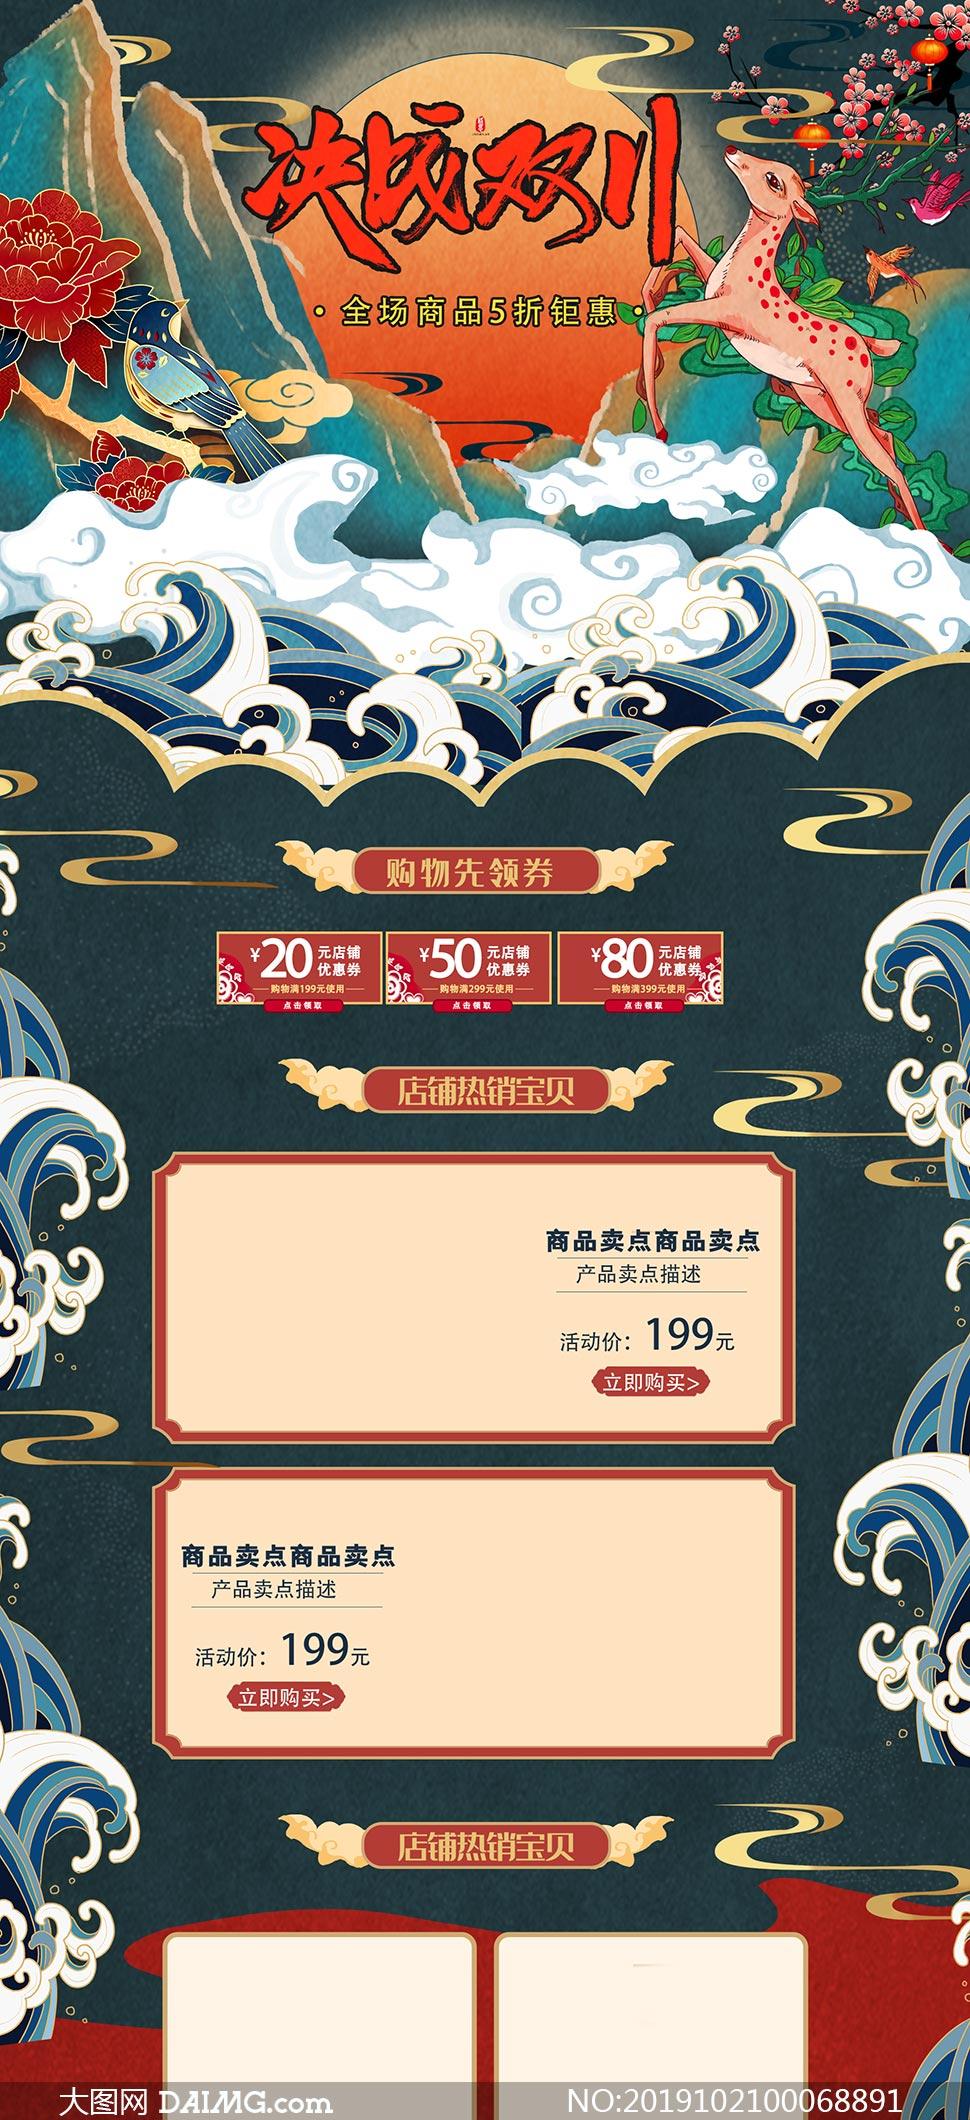 天猫决战双11首页设计模板 澳门最大必赢赌场